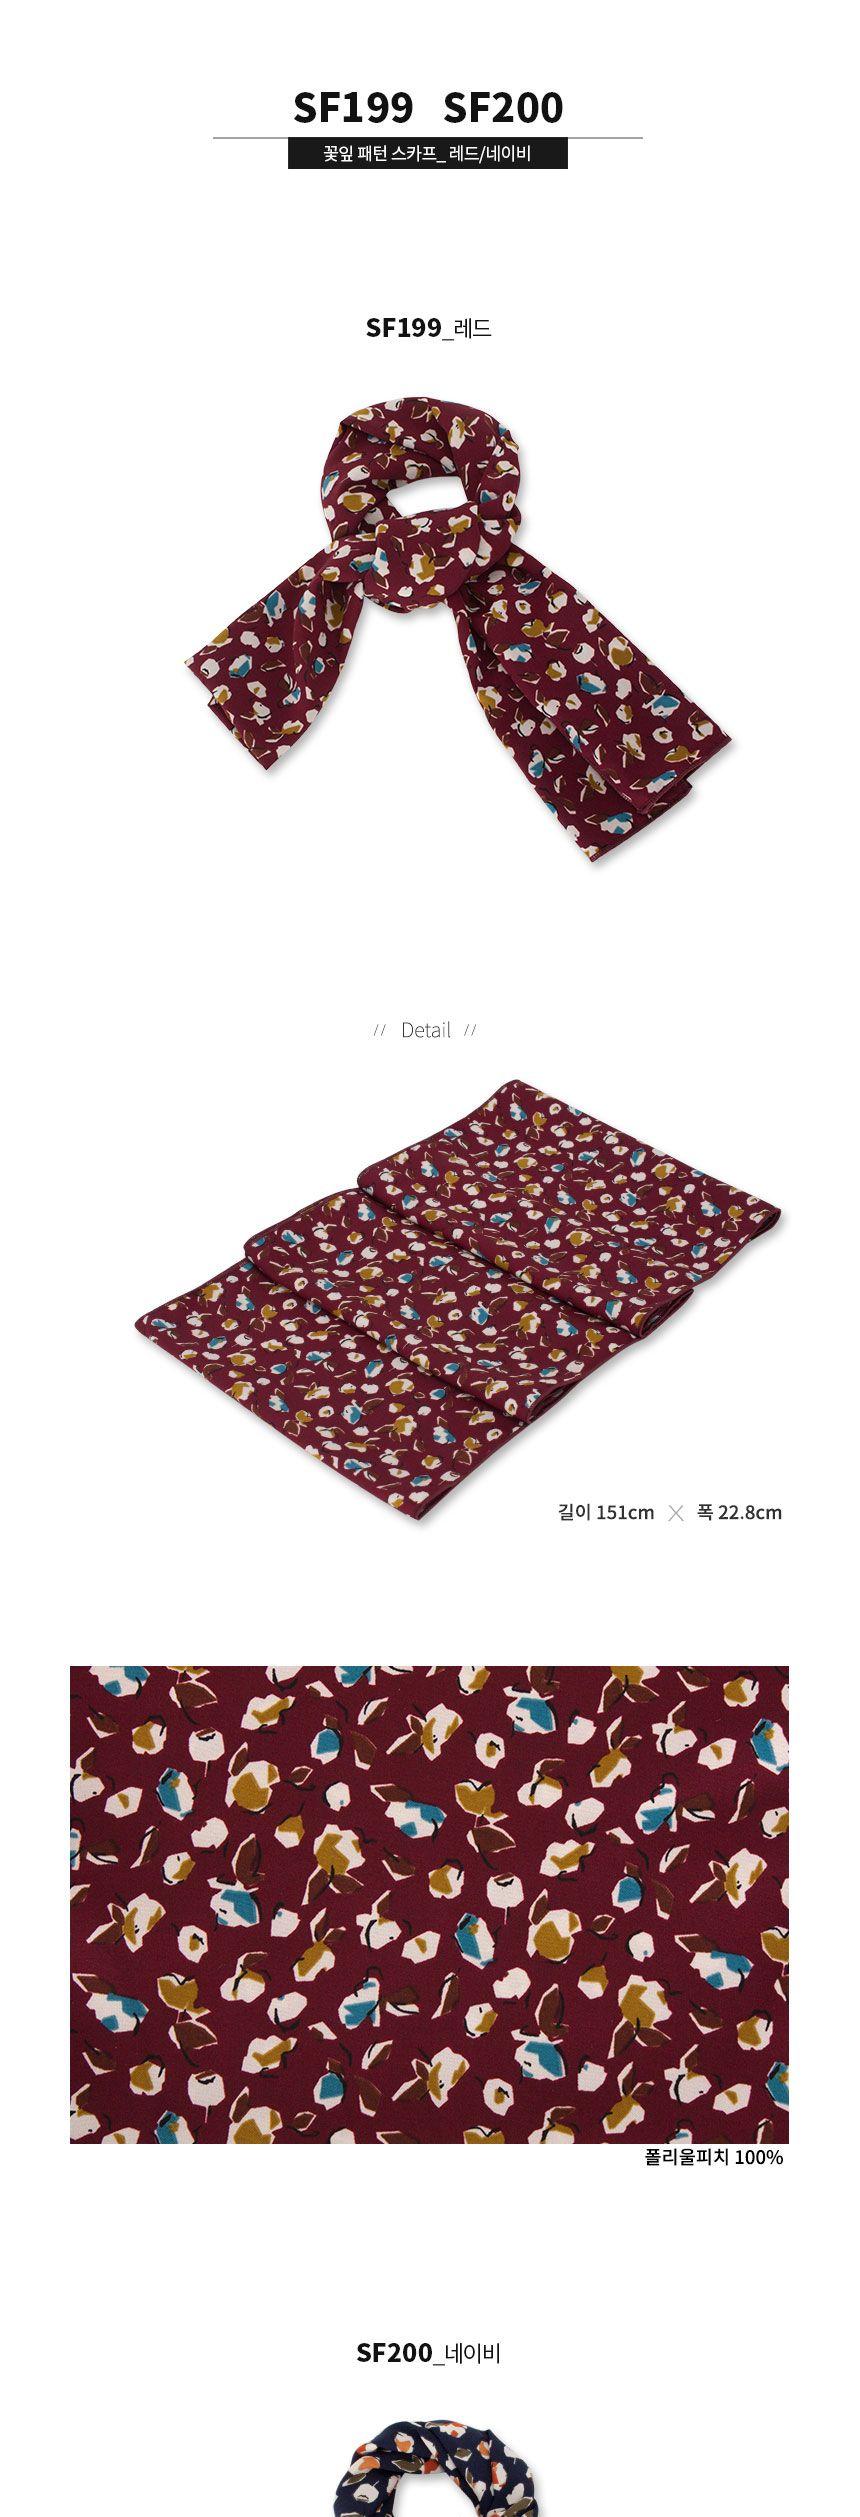 꽃잎 패턴 레드 스카프_SF199 슬림스카프 셔츠스카프  슬림스카프 셔츠스카프 스카프 남성스카프 선물용스카프